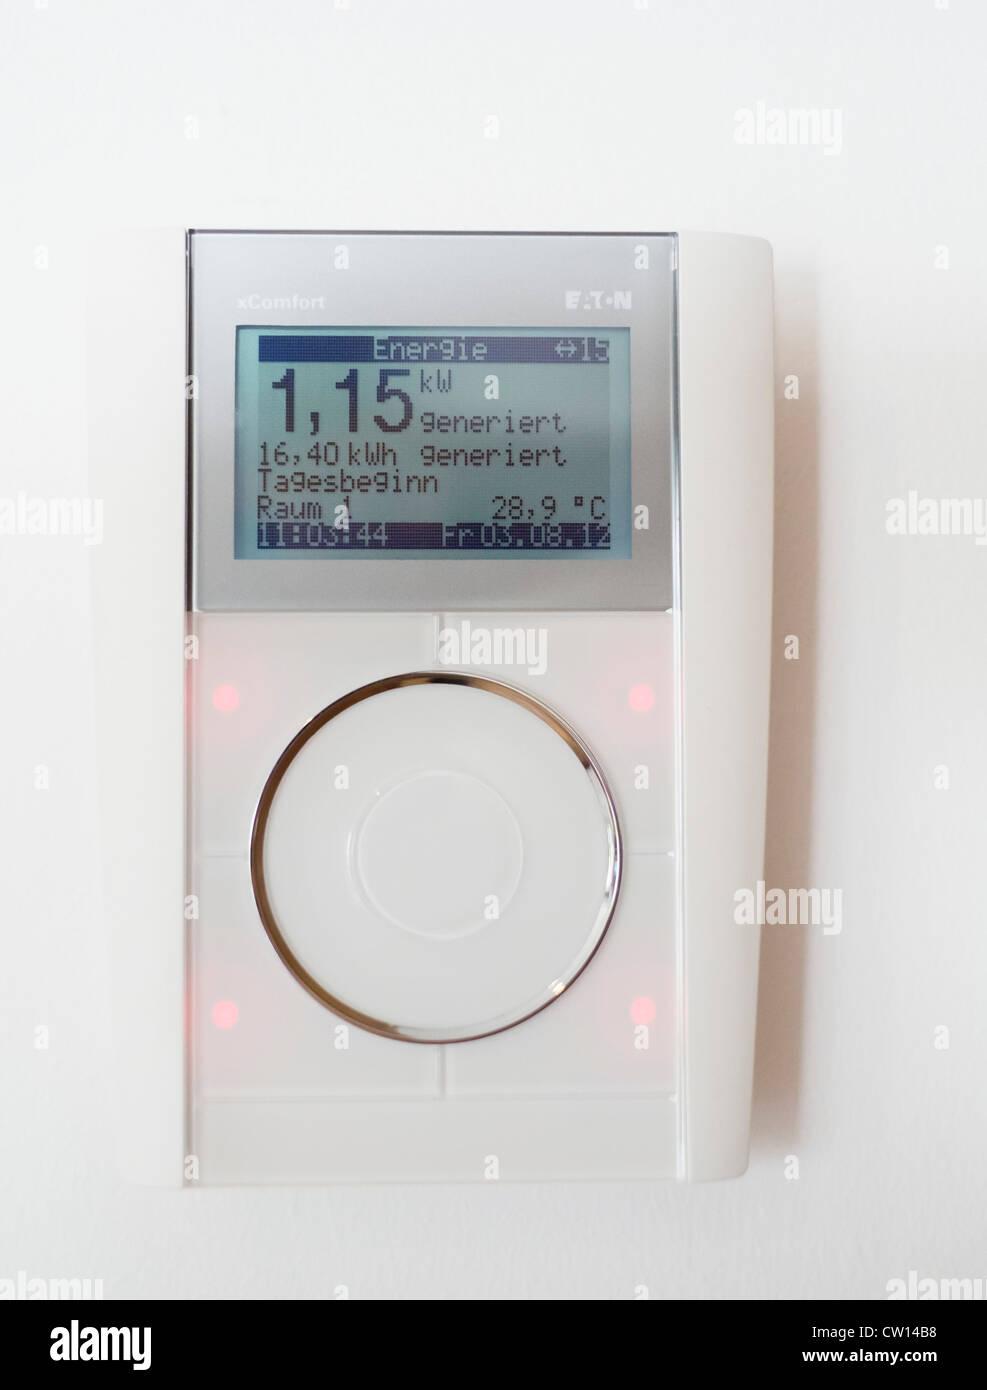 Termostato de pared y energía que muestra la energía generada por los paneles solares de alta eficiencia Imagen De Stock